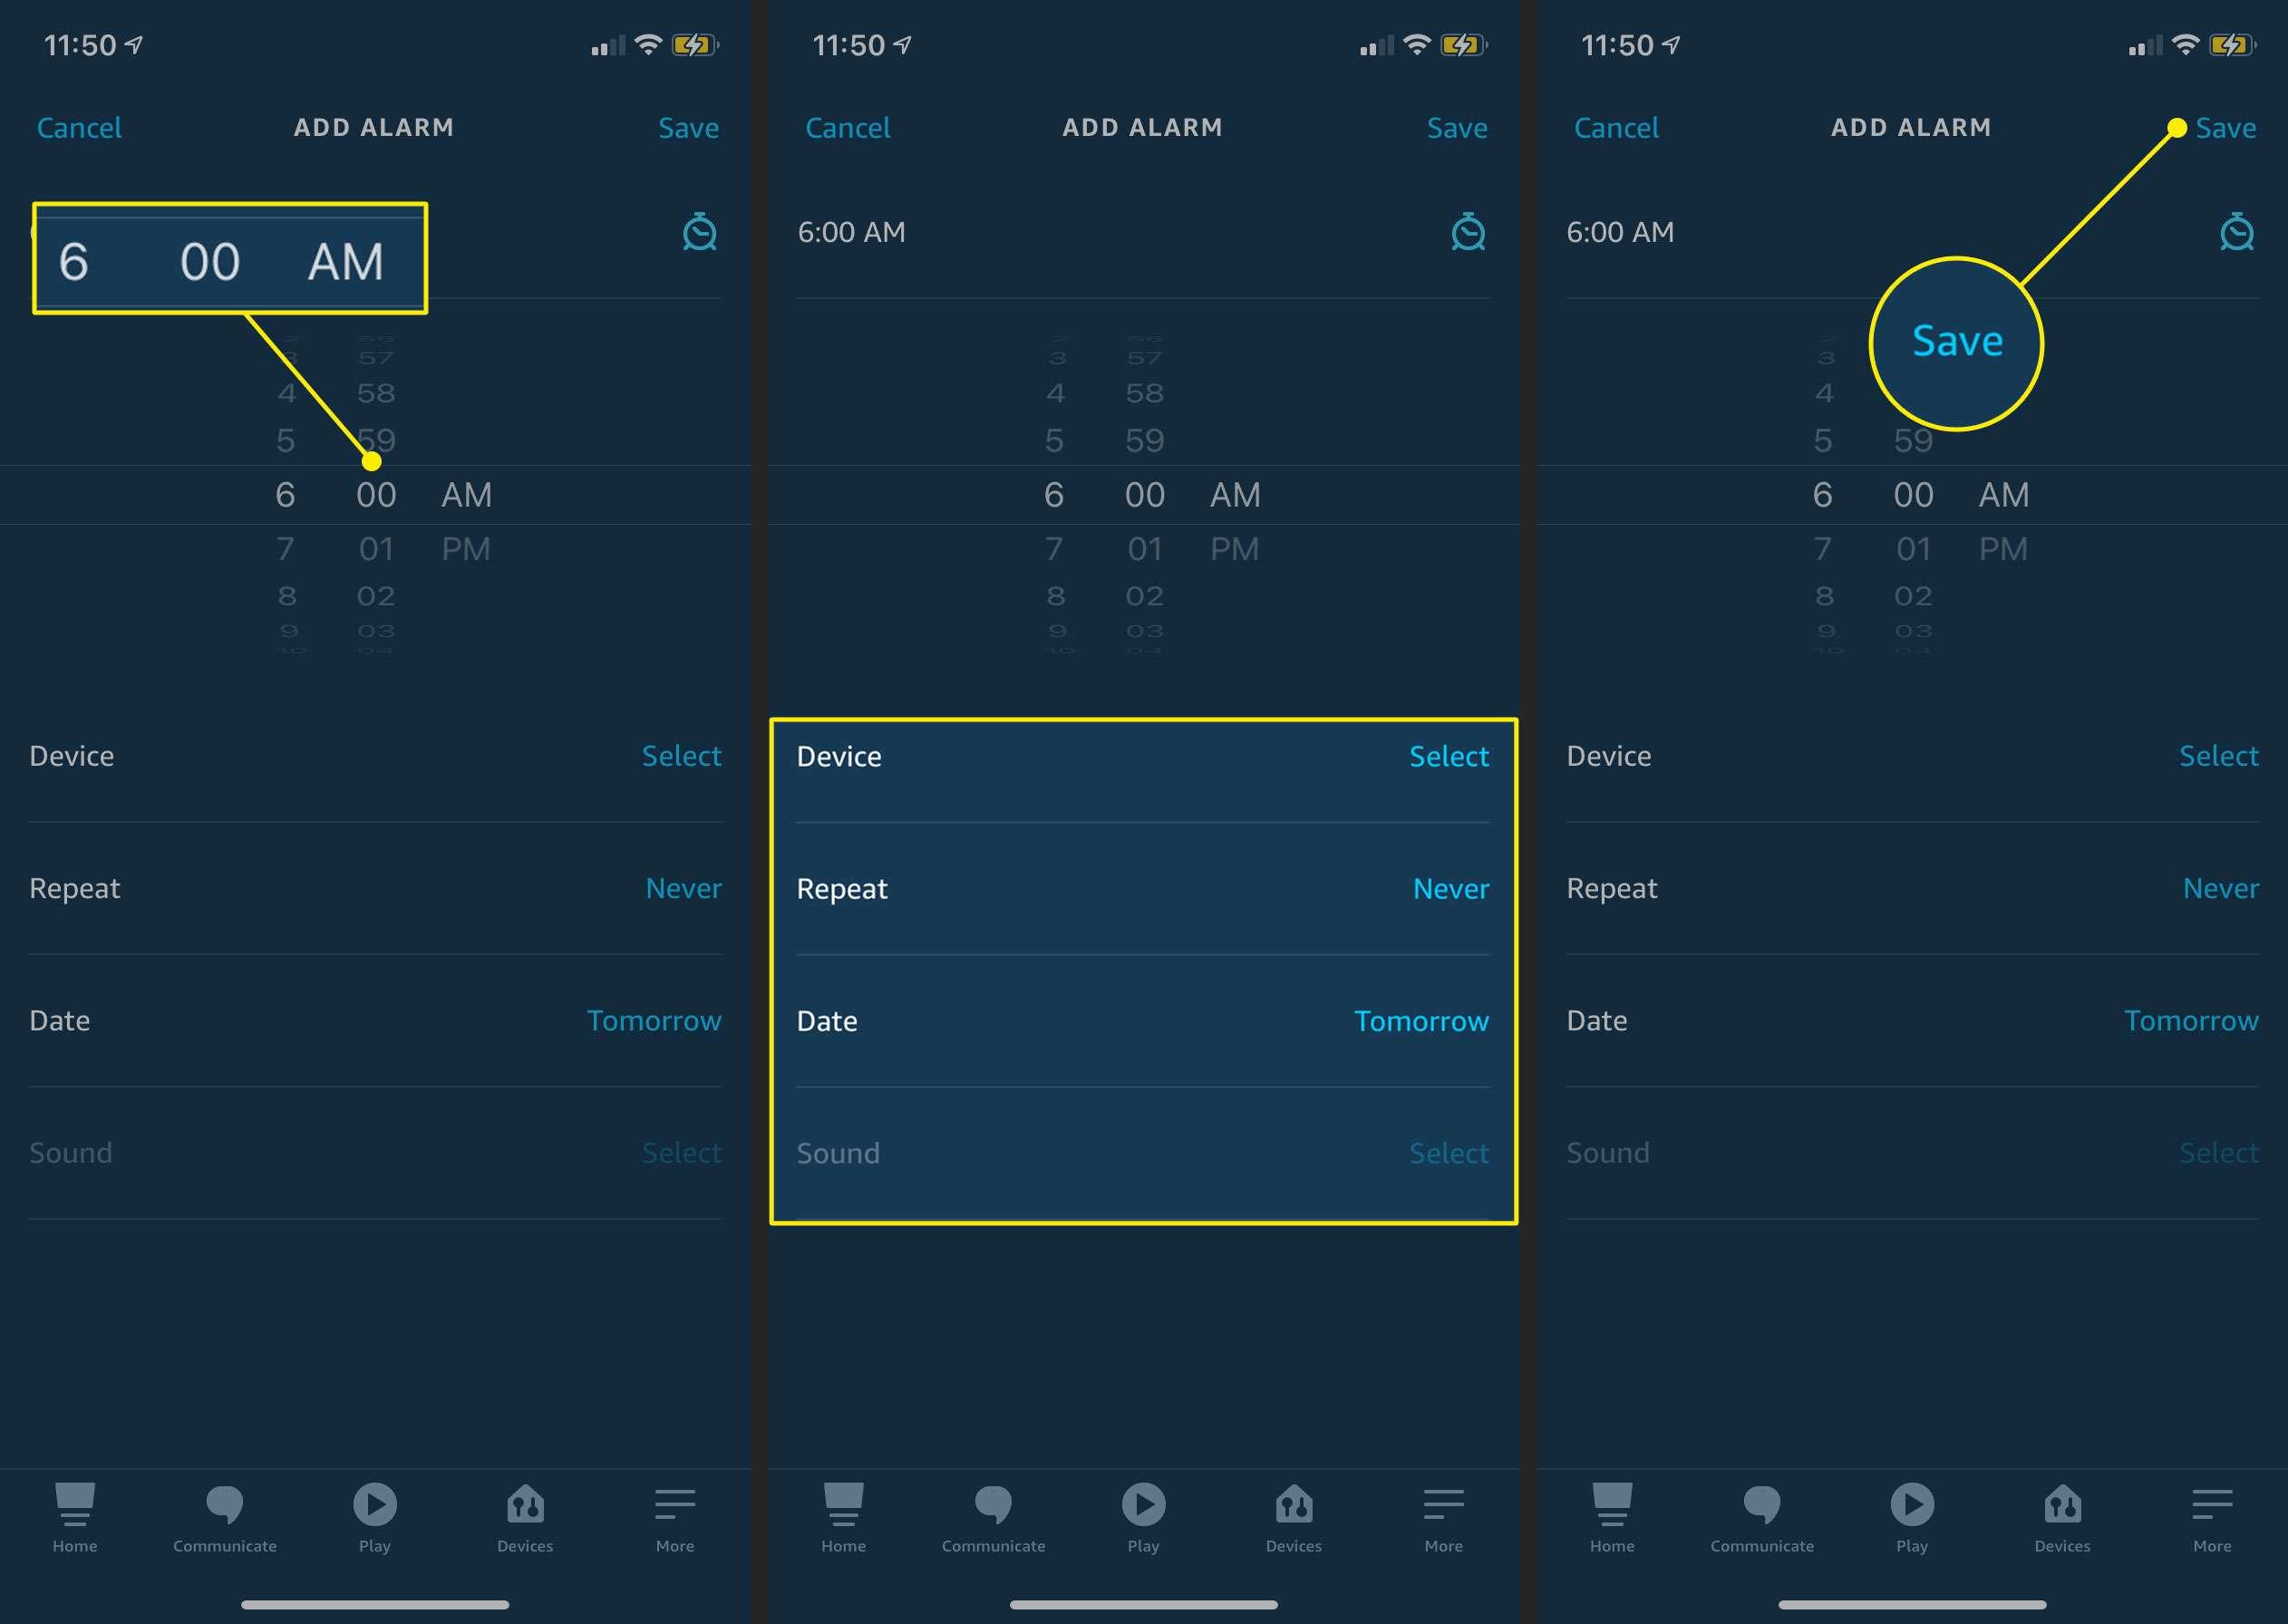 Creating an alarm in the Alexa iOS app